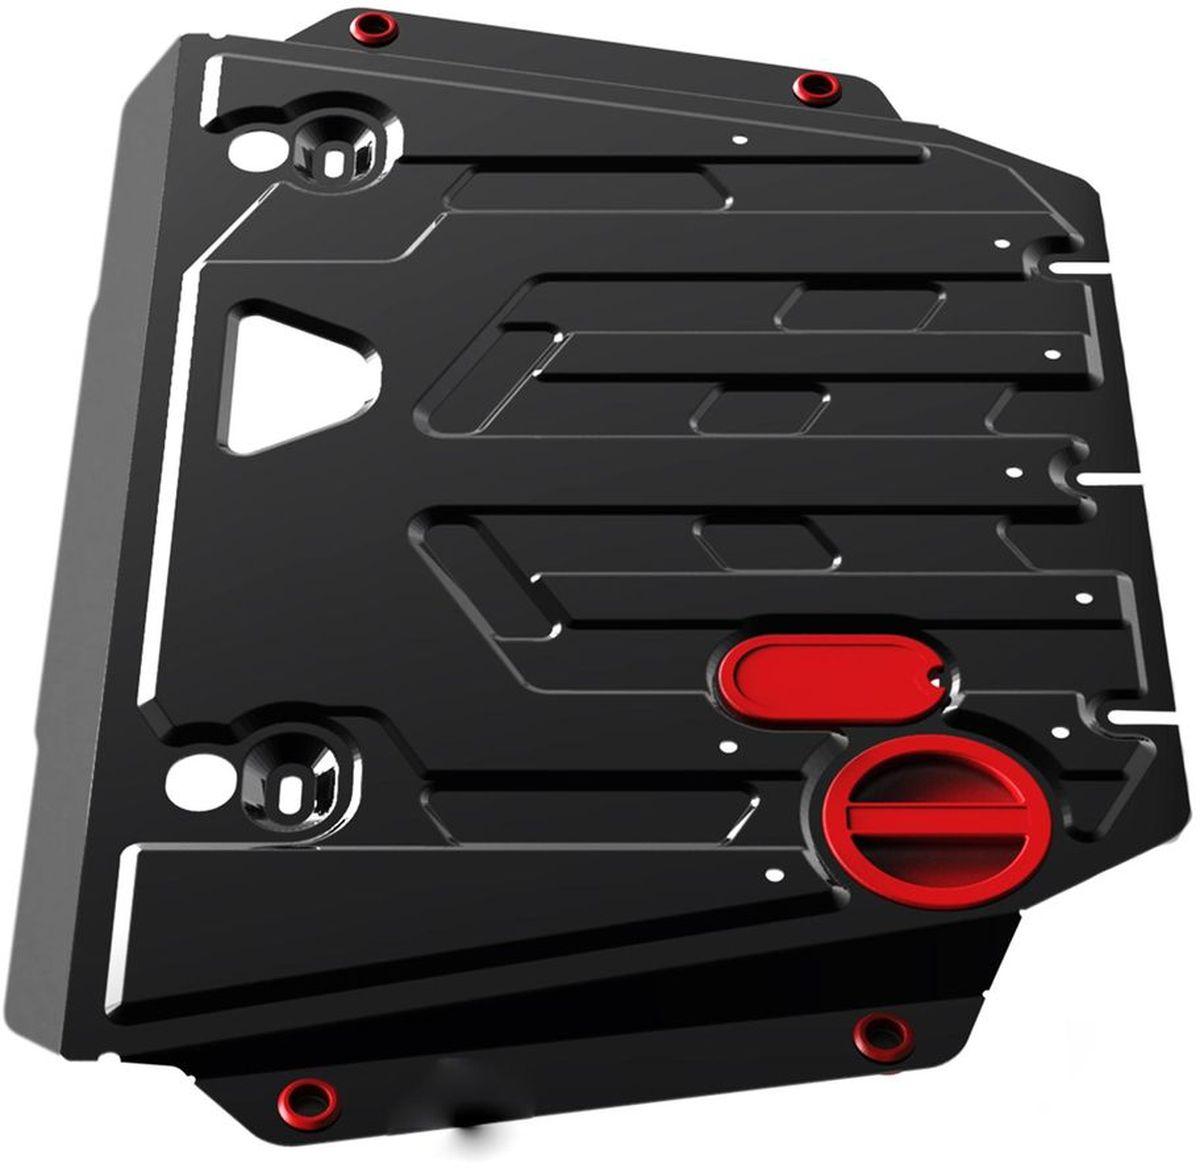 Защита картера и КПП Автоброня Chery Indis 2011-, сталь 2 мм111.00910.1Защита картера и КПП Автоброня Chery Indis (s18d ), V-1,3 2011-, сталь 2 мм, комплект крепежа, 111.00910.1Стальные защиты Автоброня надежно защищают ваш автомобиль от повреждений при наезде на бордюры, выступающие канализационные люки, кромки поврежденного асфальта или при ремонте дорог, не говоря уже о загородных дорогах.- Имеют оптимальное соотношение цена-качество.- Спроектированы с учетом особенностей автомобиля, что делает установку удобной.- Защита устанавливается в штатные места кузова автомобиля.- Является надежной защитой для важных элементов на протяжении долгих лет.- Глубокий штамп дополнительно усиливает конструкцию защиты.- Подштамповка в местах крепления защищает крепеж от срезания.- Технологические отверстия там, где они необходимы для смены масла и слива воды, оборудованные заглушками, закрепленными на защите.Толщина стали 2 мм.В комплекте крепеж и инструкция по установке.Уважаемые клиенты!Обращаем ваше внимание на тот факт, что защита имеет форму, соответствующую модели данного автомобиля. Наличие глубокого штампа и лючков для смены фильтров/масла предусмотрено не на всех защитах. Фото служит для визуального восприятия товара.